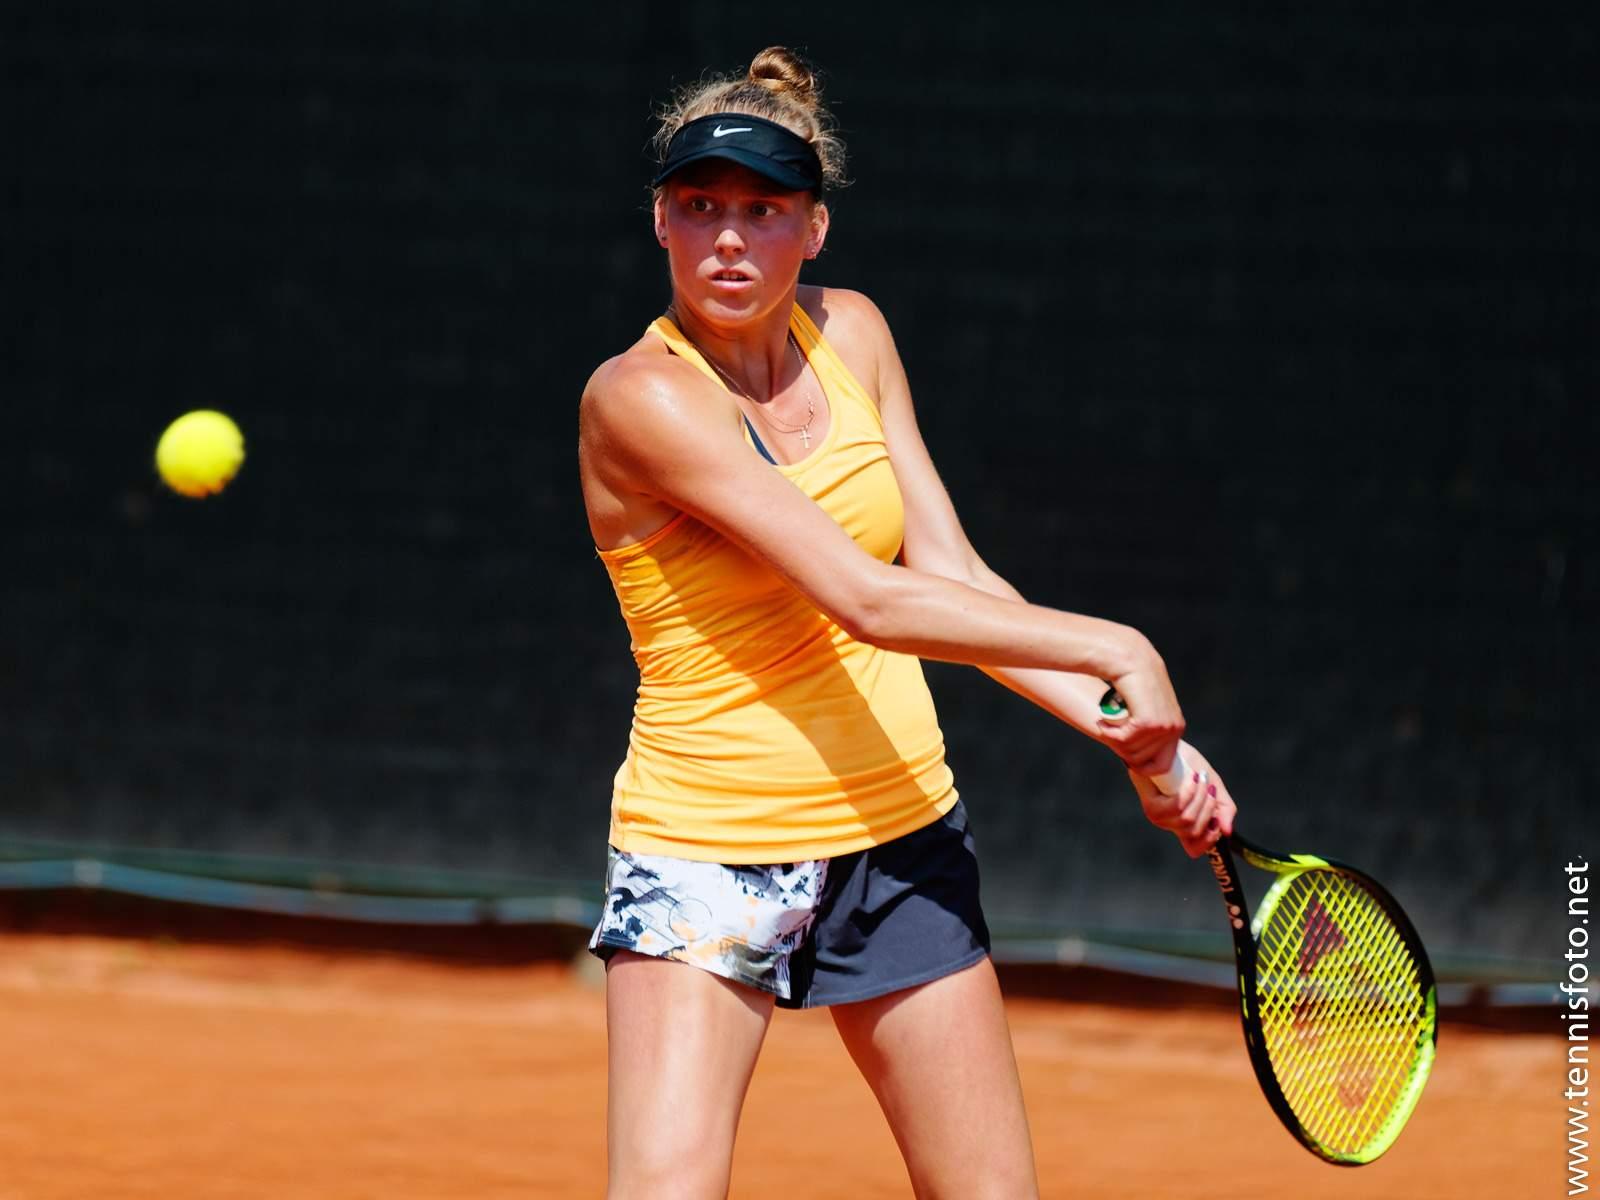 Каир. Дема выигрывает свой первый одиночный профессиональный титул ITF